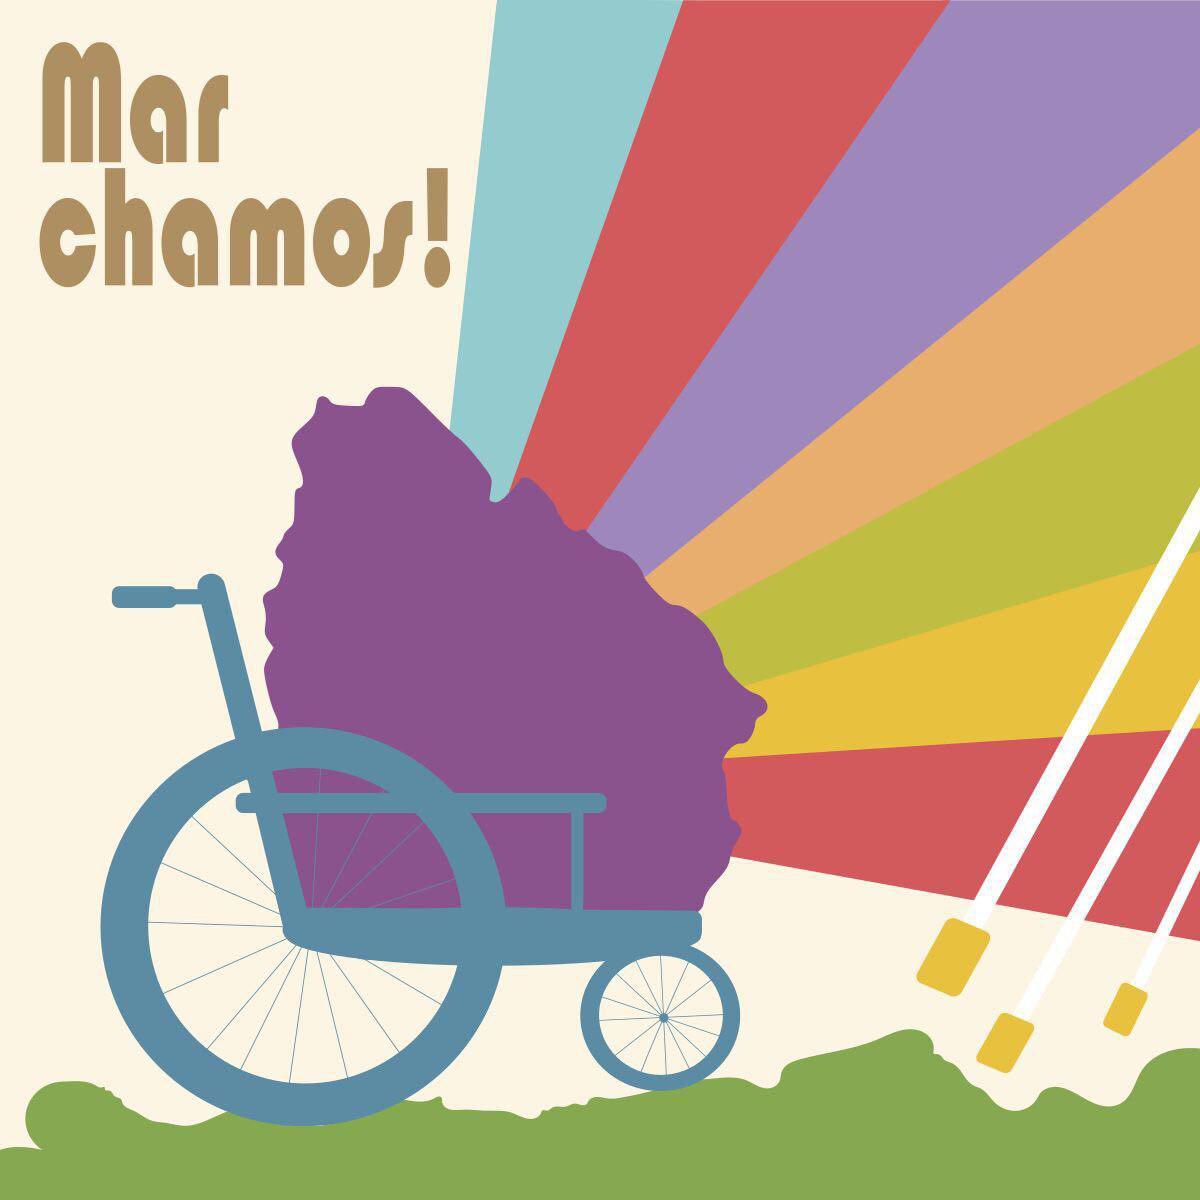 Imágen donde se encuentra el contorno de uruguay en una silla de ruedas, de él sale un arcoiris a la derecha y hay bastones blancos en el costado